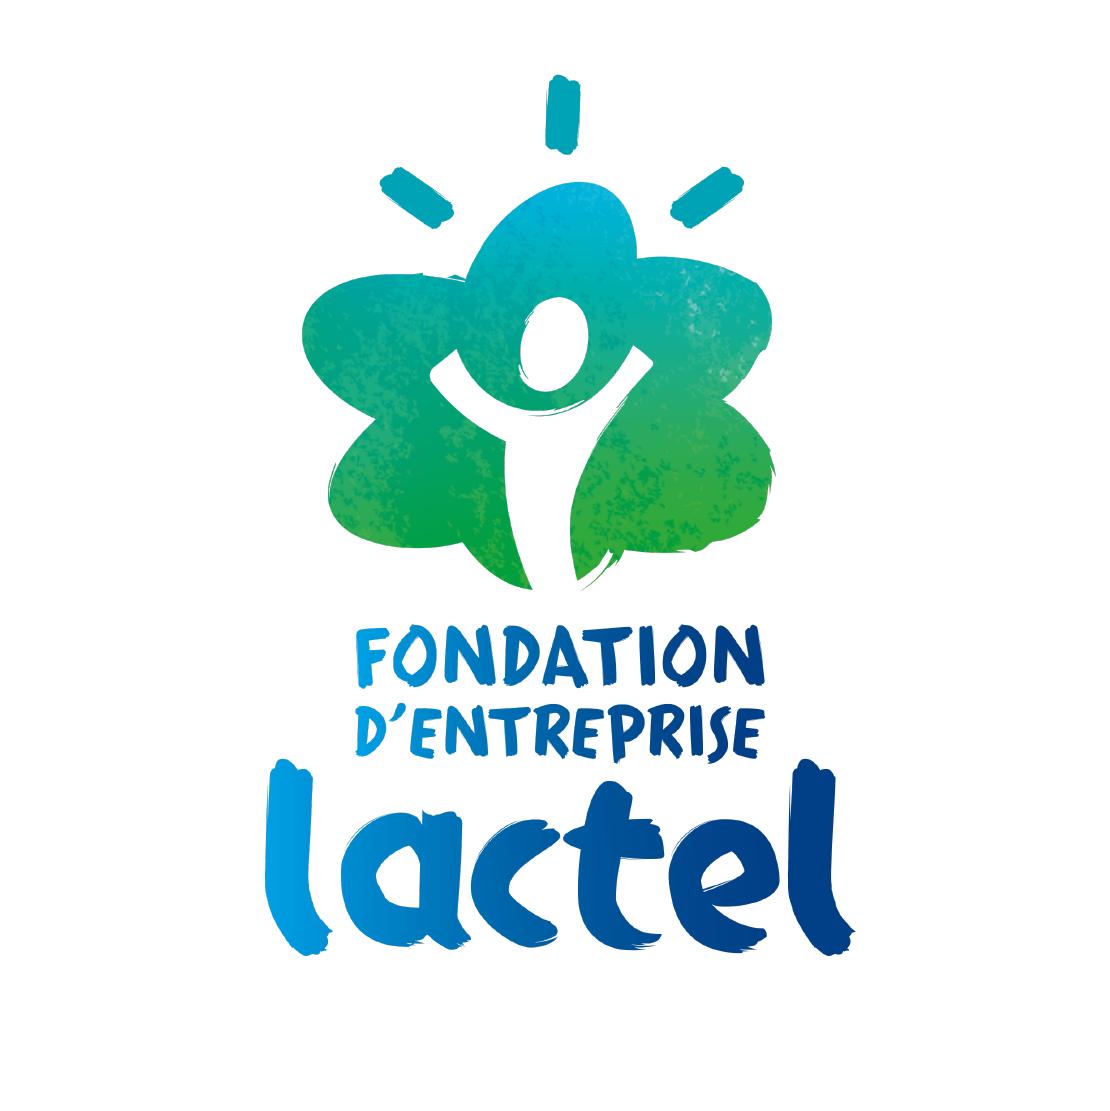 Fondation d'entreprise Lactel